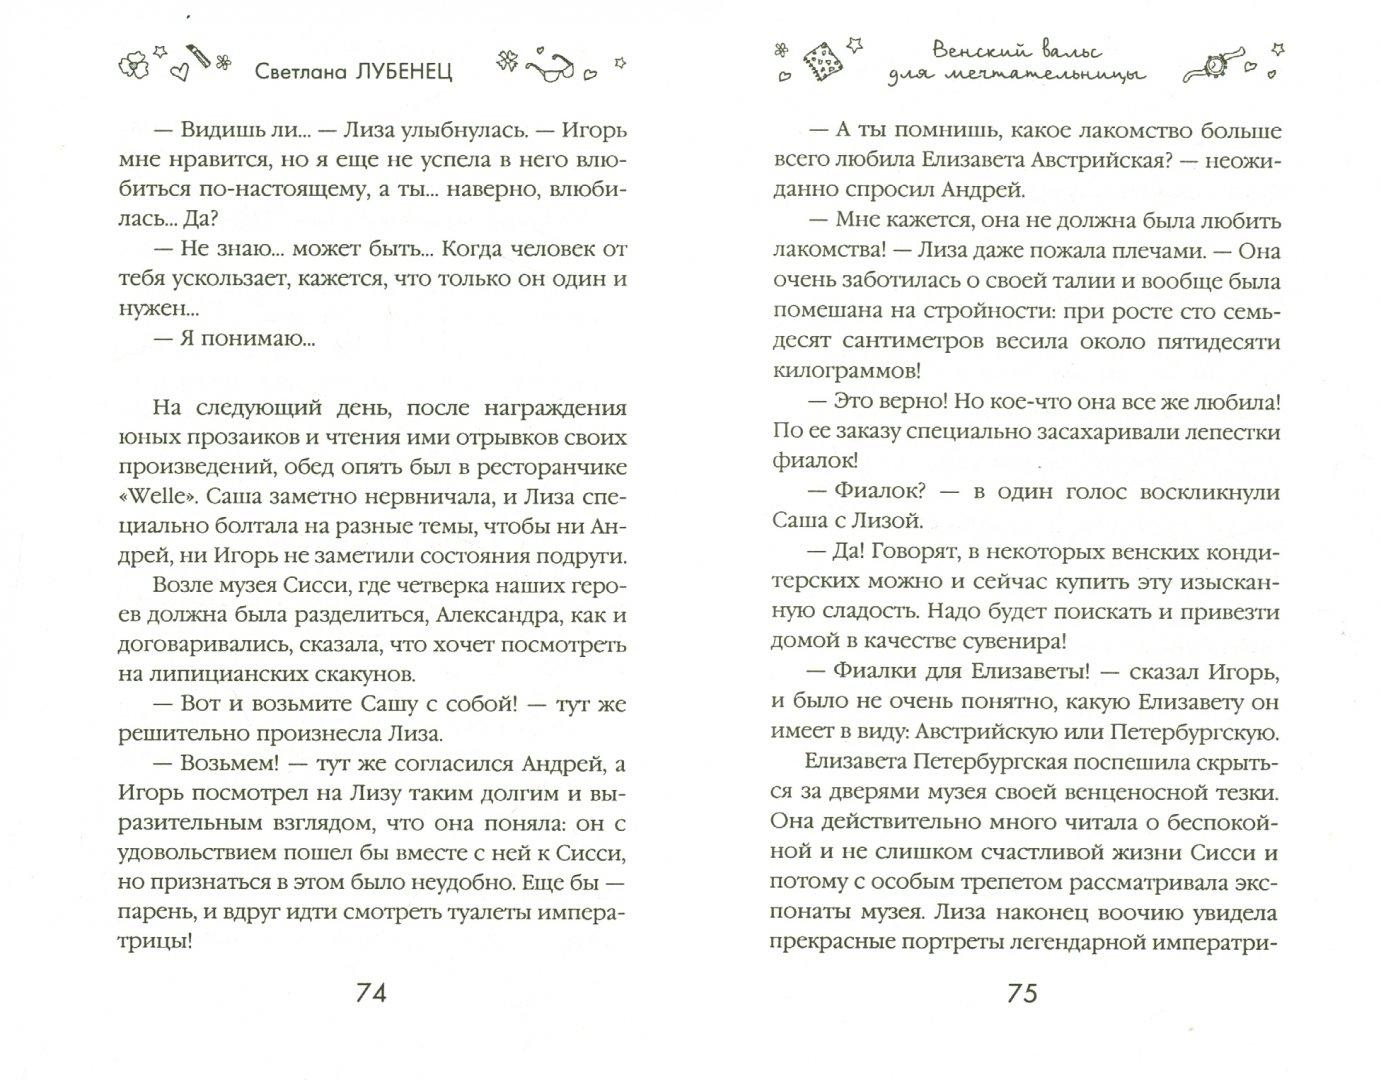 Иллюстрация 1 из 11 для Венский вальс для мечтательницы - Светлана Лубенец   Лабиринт - книги. Источник: Лабиринт